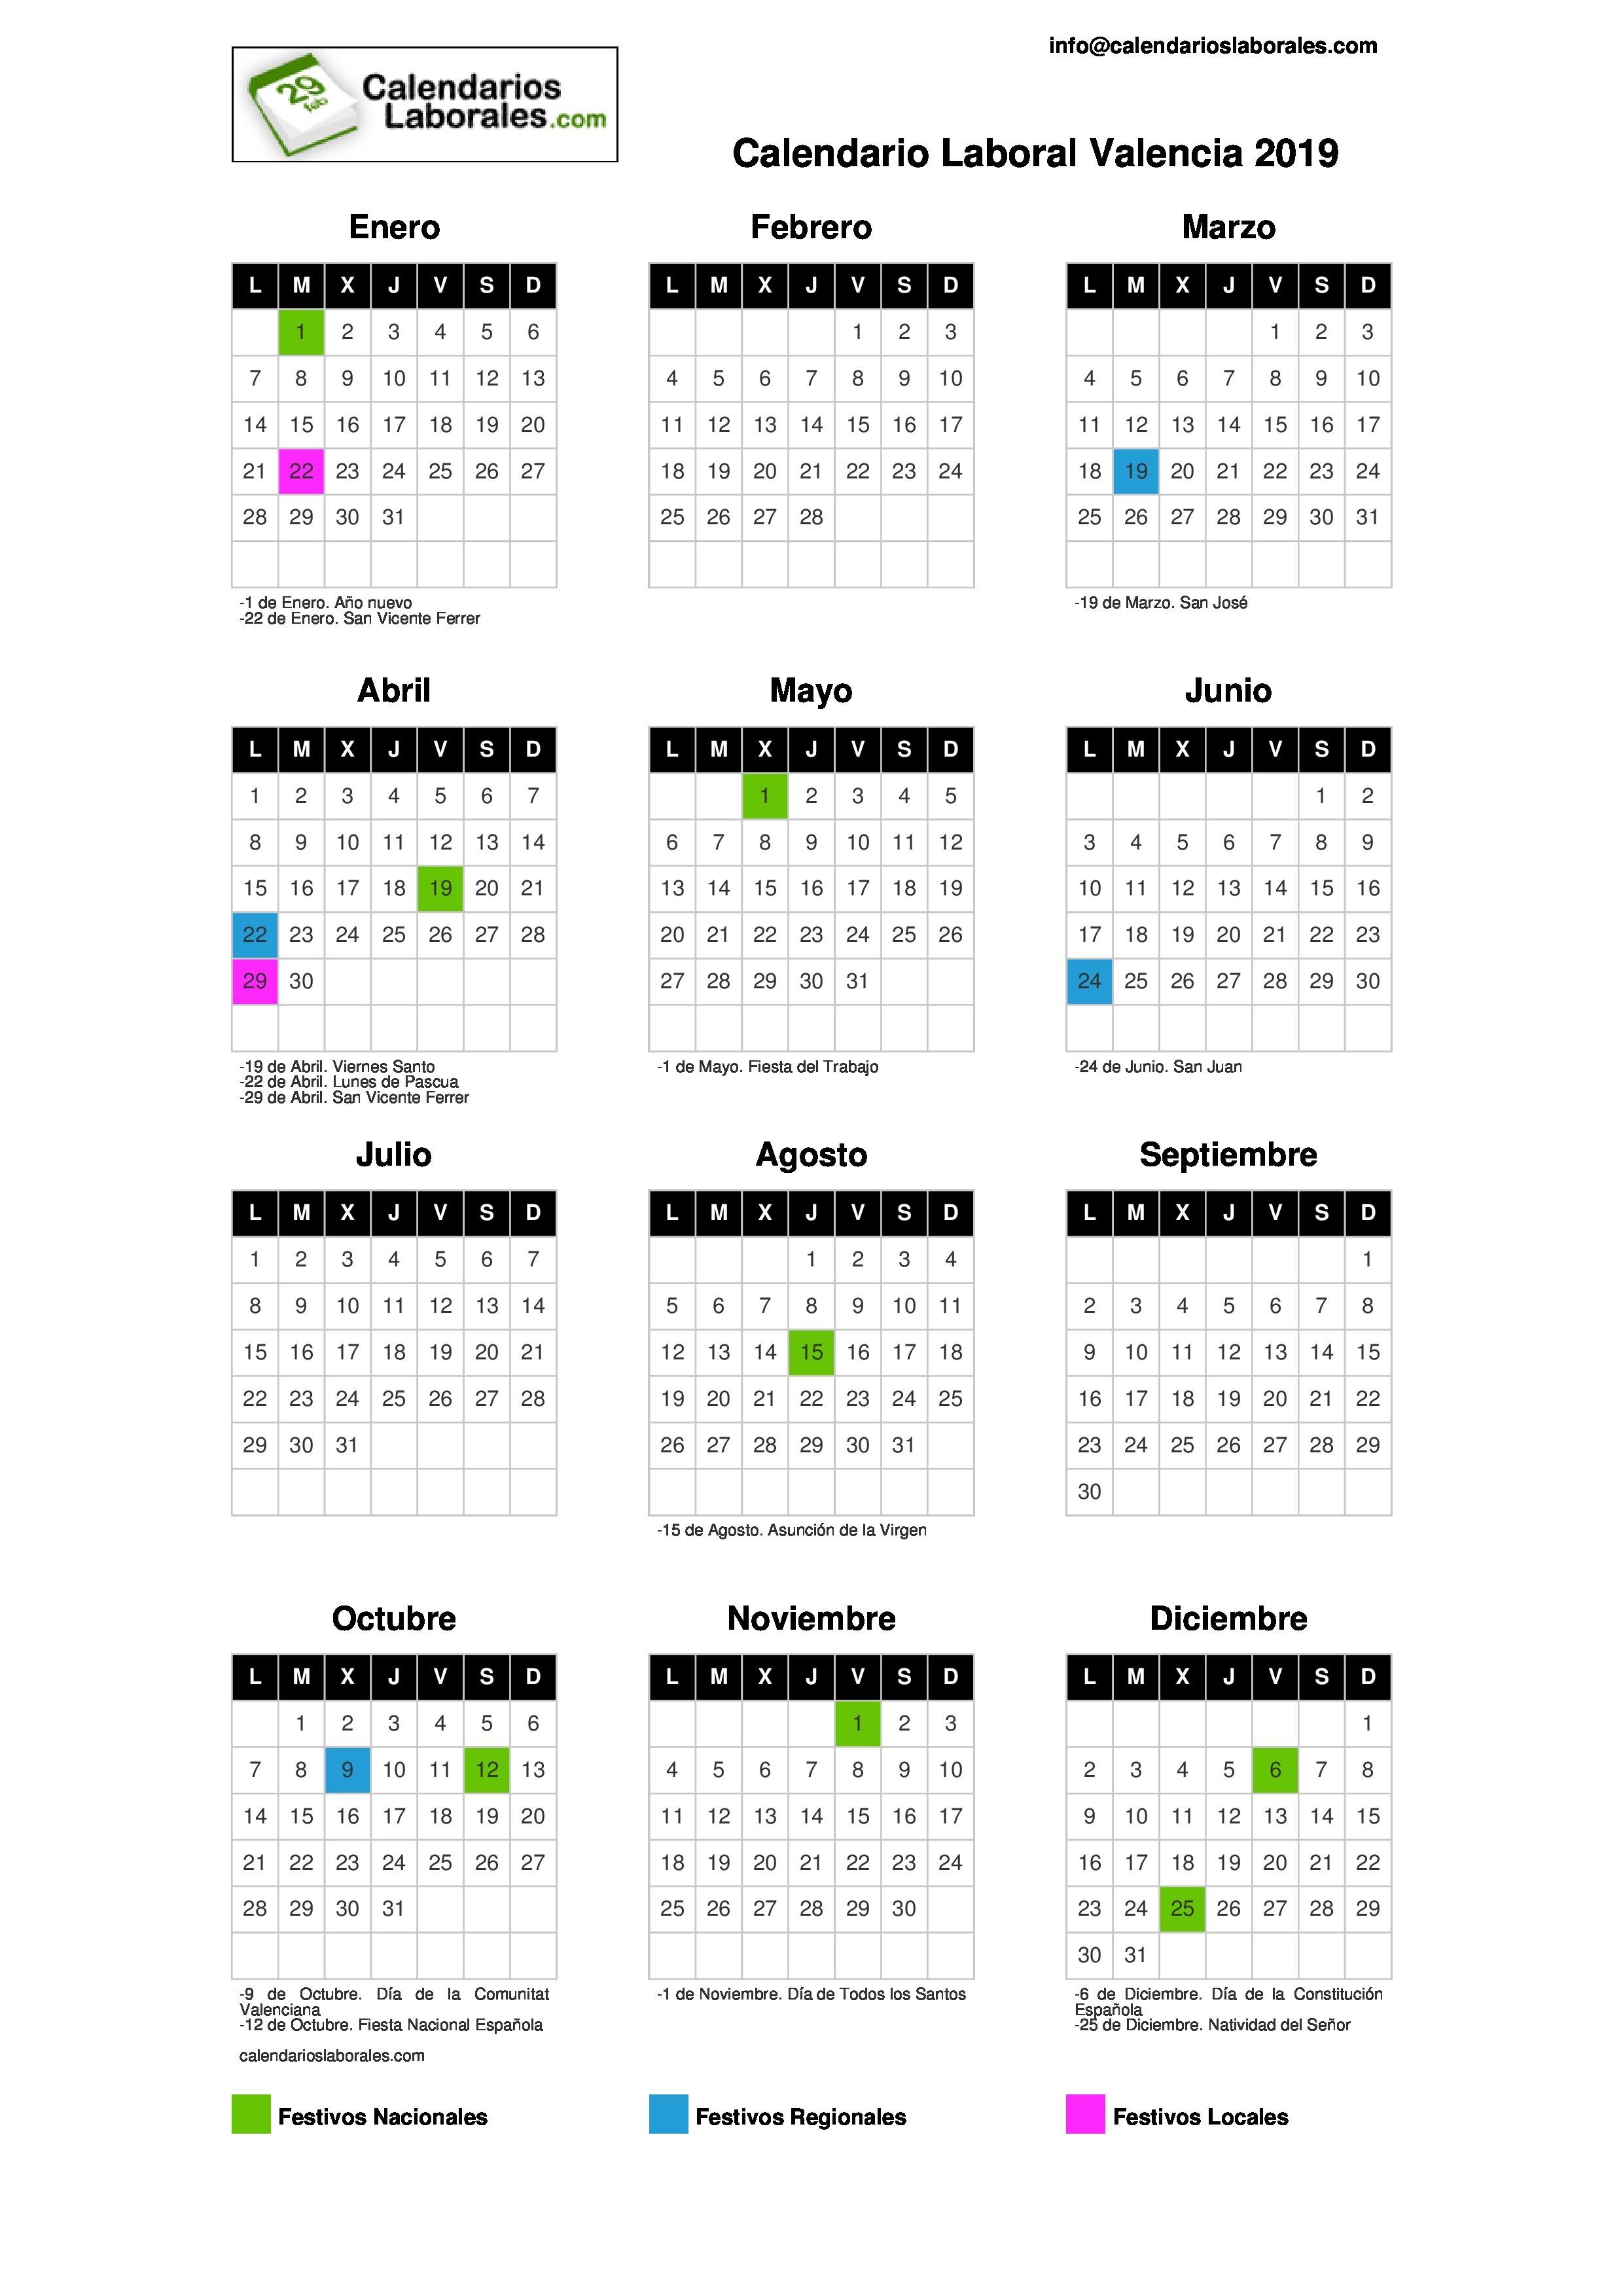 Calendario Laboral Valencia 2019 CALENDARIO